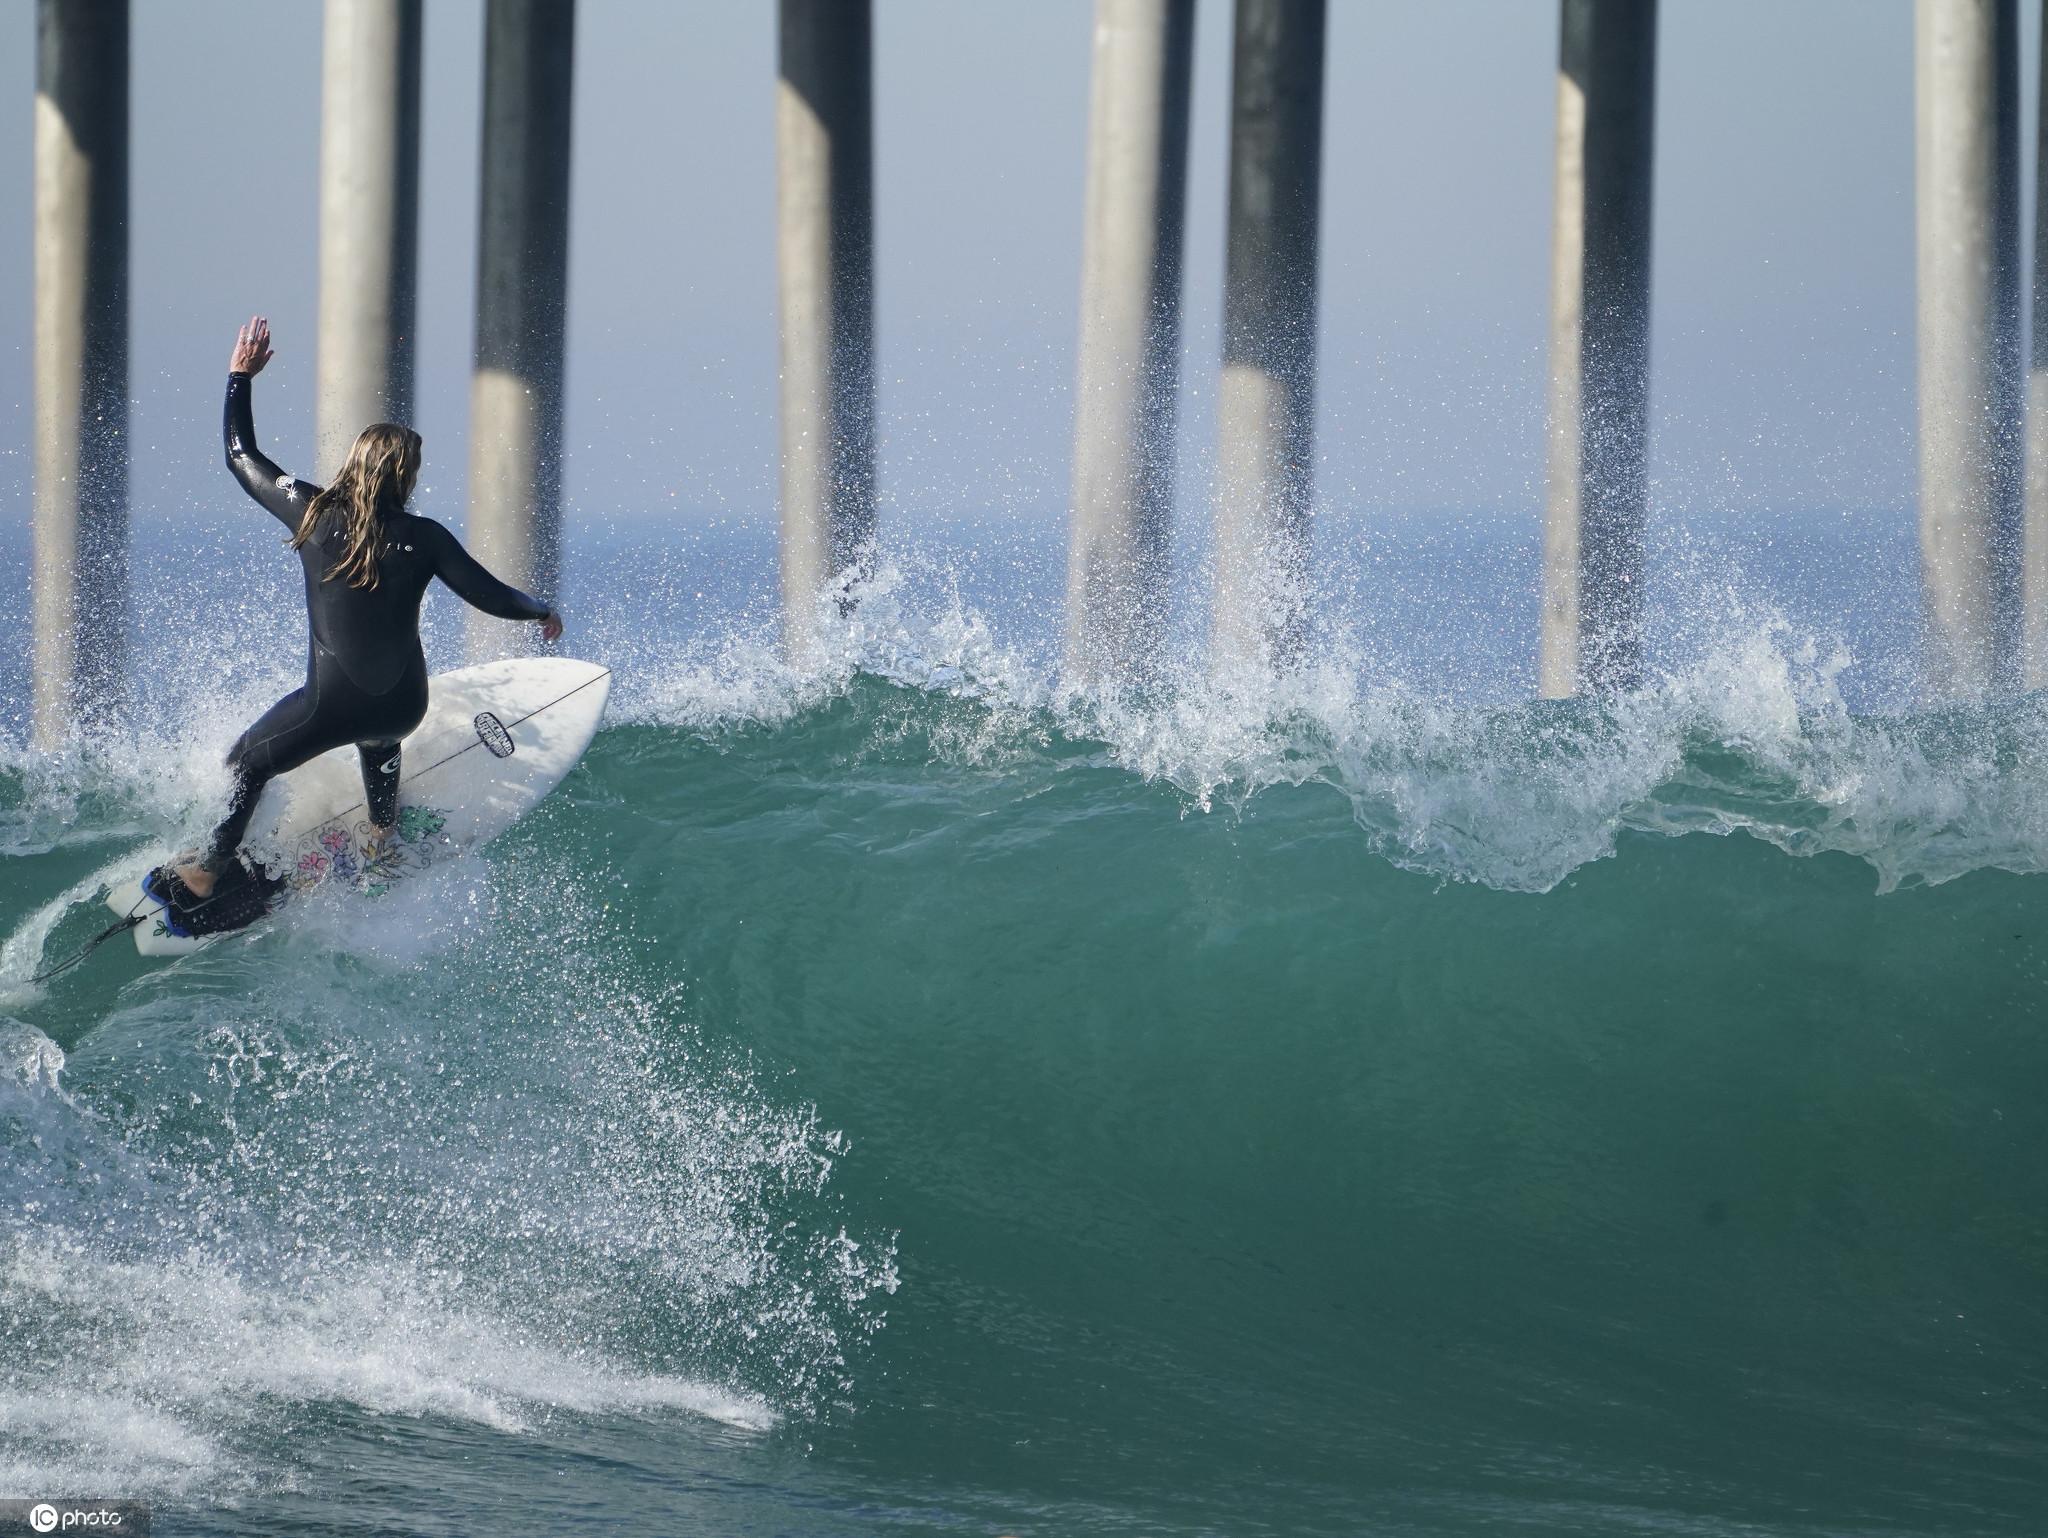 超級大潮侵襲美國加州海岸 沖浪者與巨浪勇敢搏鬥-圖2